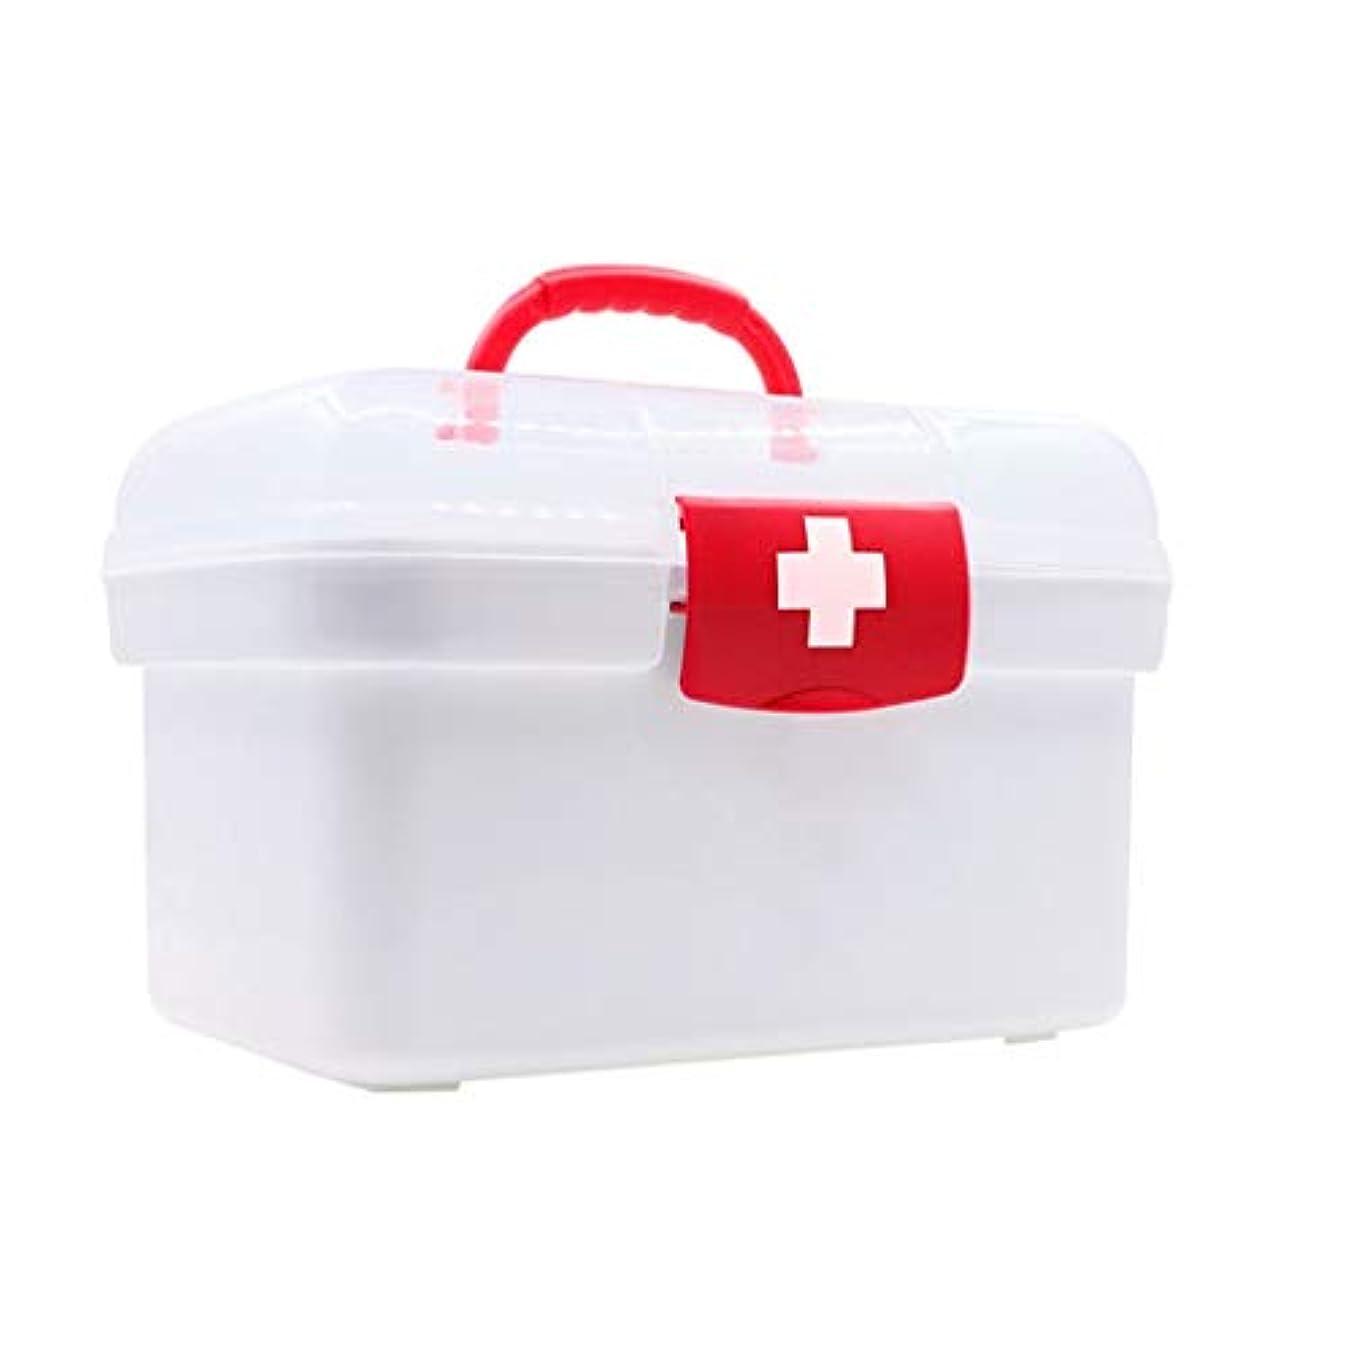 腐食するアクセル一族薬箱ホーム緊急医療箱外来応急処置小さな収納ボックス HUXIUPING (Size : S)